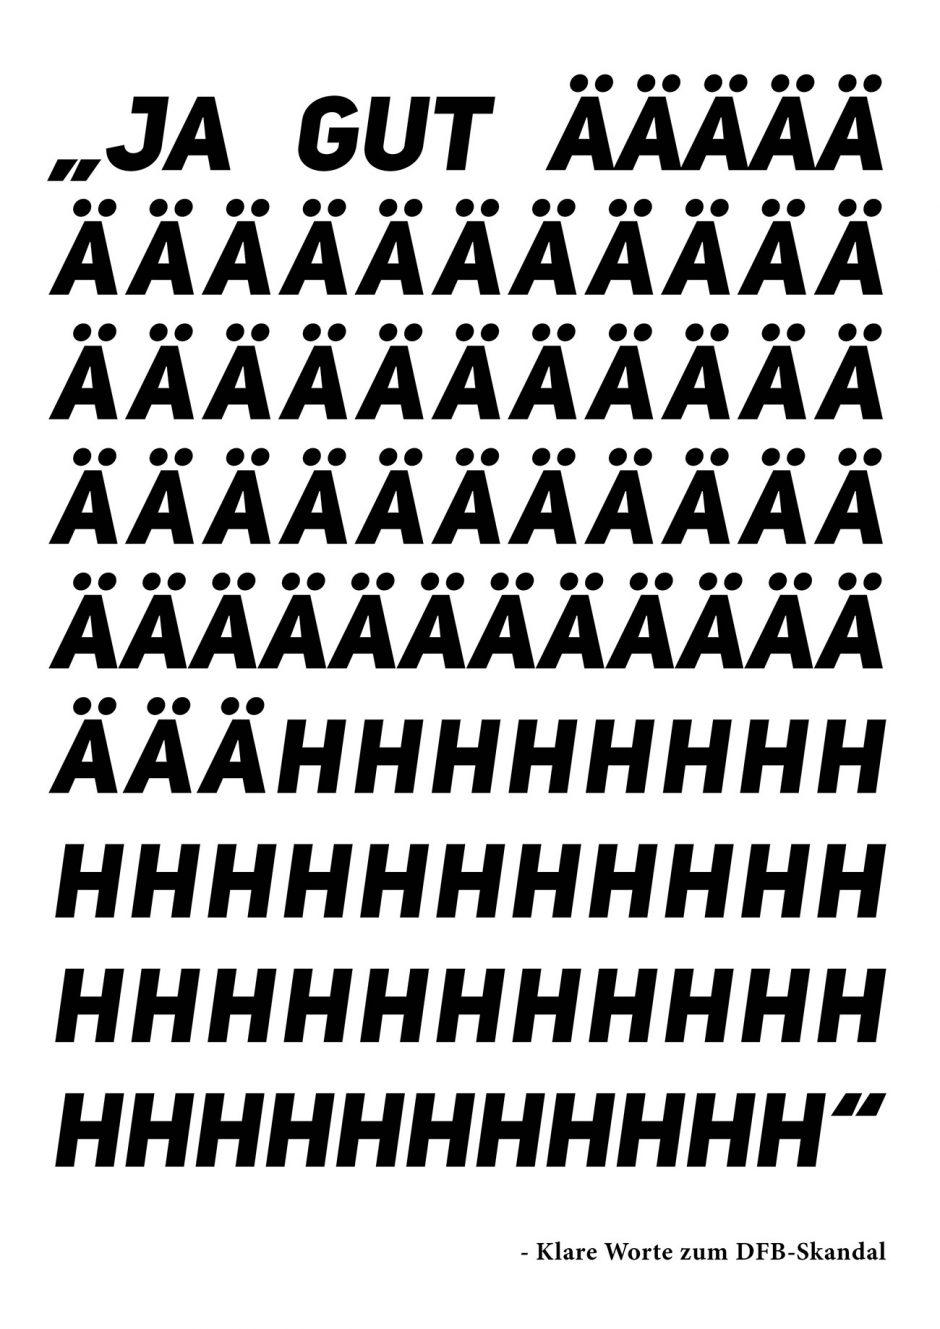 »Ungeklärte Zahlungen von denen angeblich keiner etwas weiß. Die Fußballwelt wird überschattet von Korruptionsskandalen. Mein Plakat soll die Erklärungsnot der DFB-Funktionäre - durch eine Anspielung auf Franz Beckenbauers Redekunst - auf den Punkt bringen.«